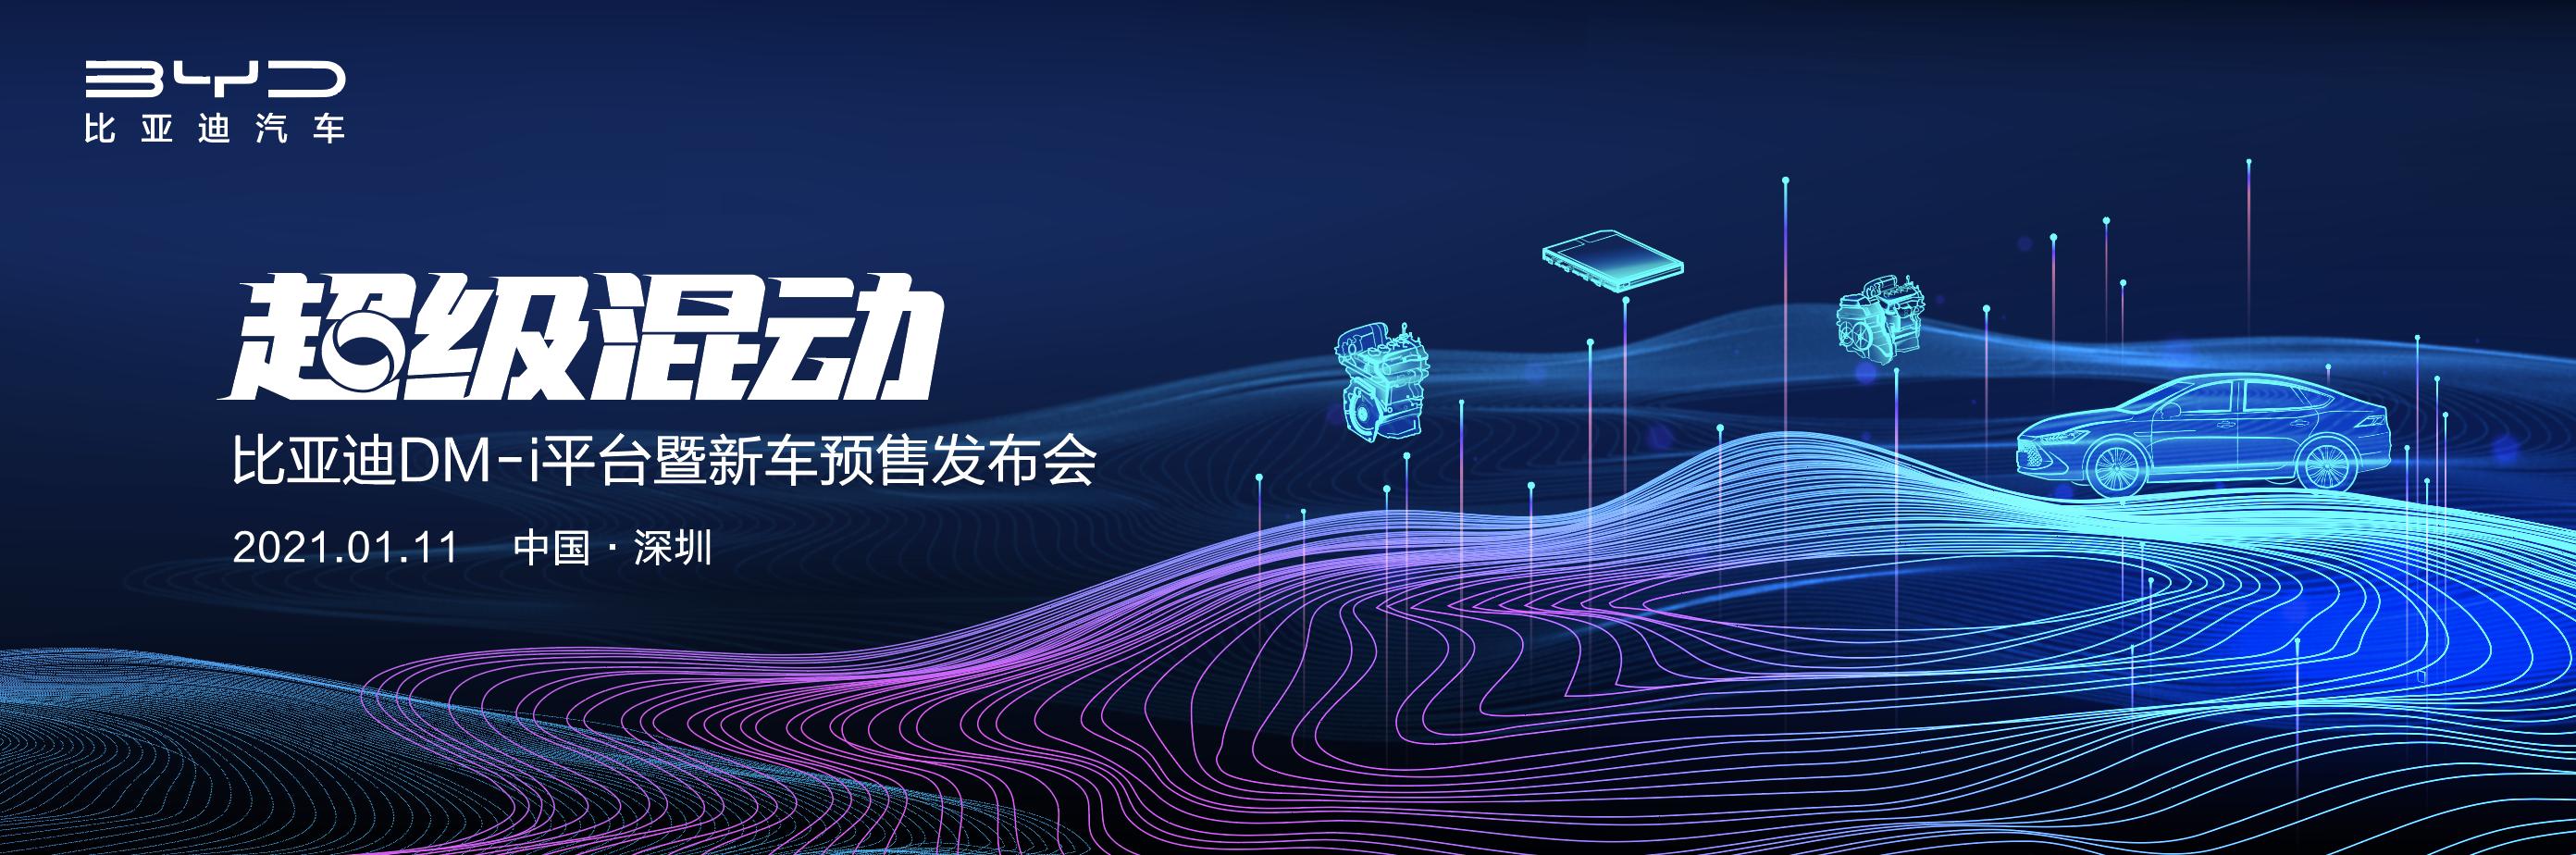 超级混动-比亚迪DM-i平台暨新车预售发布会 邀您共同见证